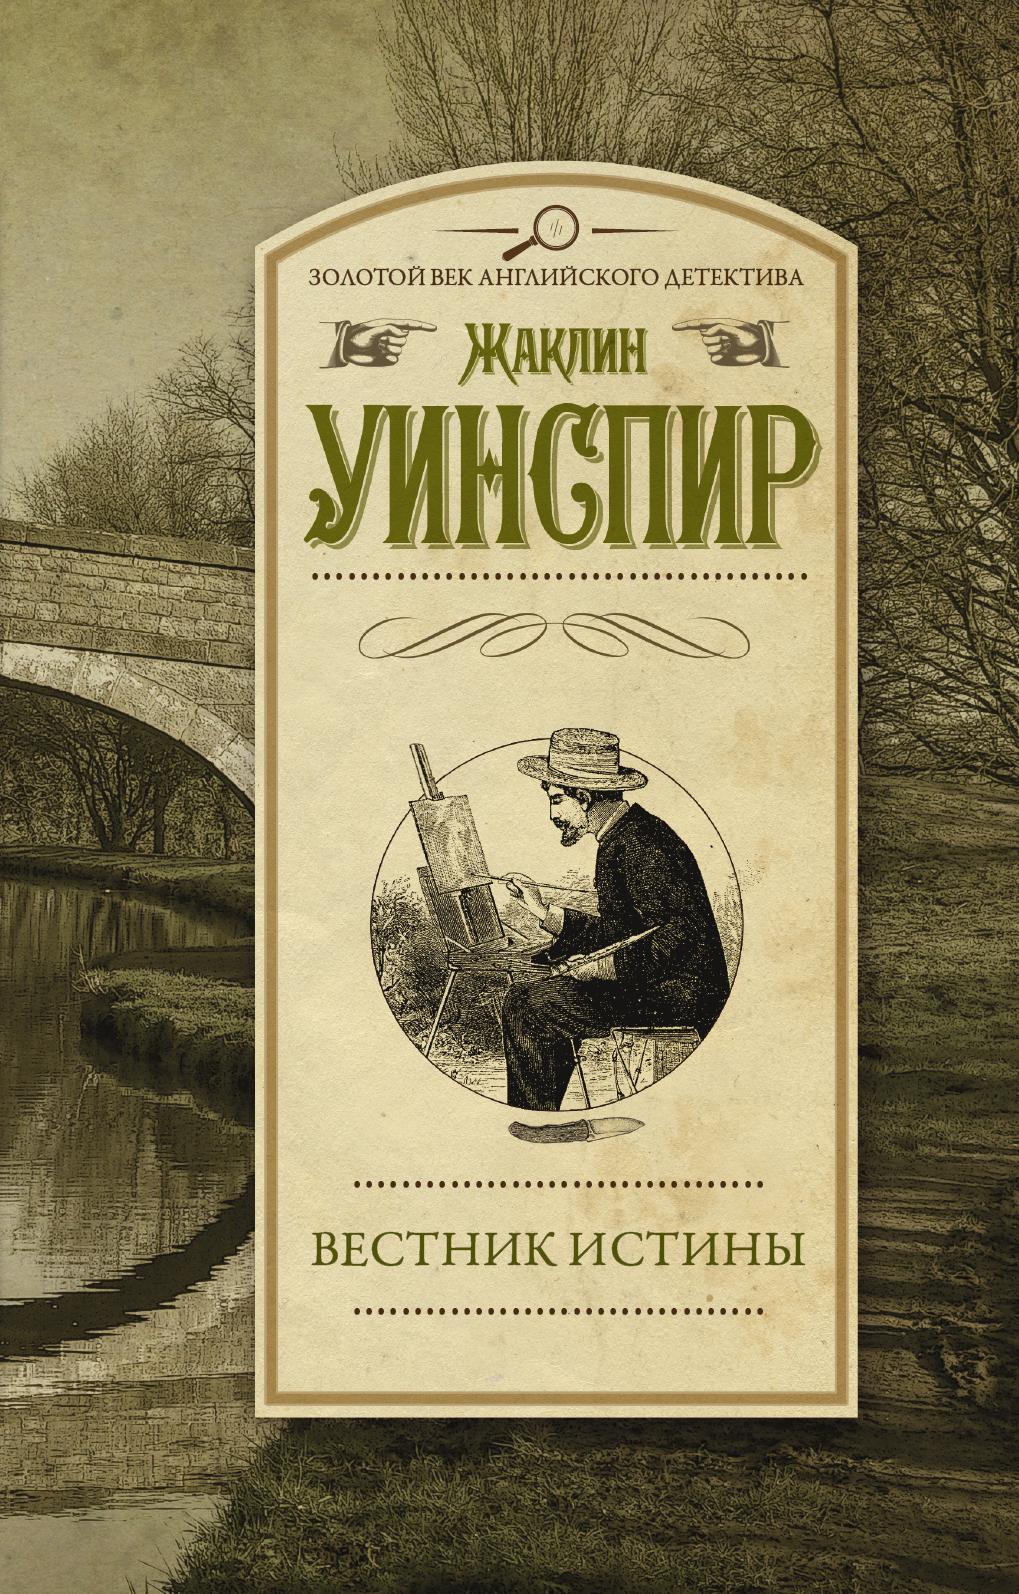 купить Жаклин Уинспир Вестник истины по цене 130 рублей